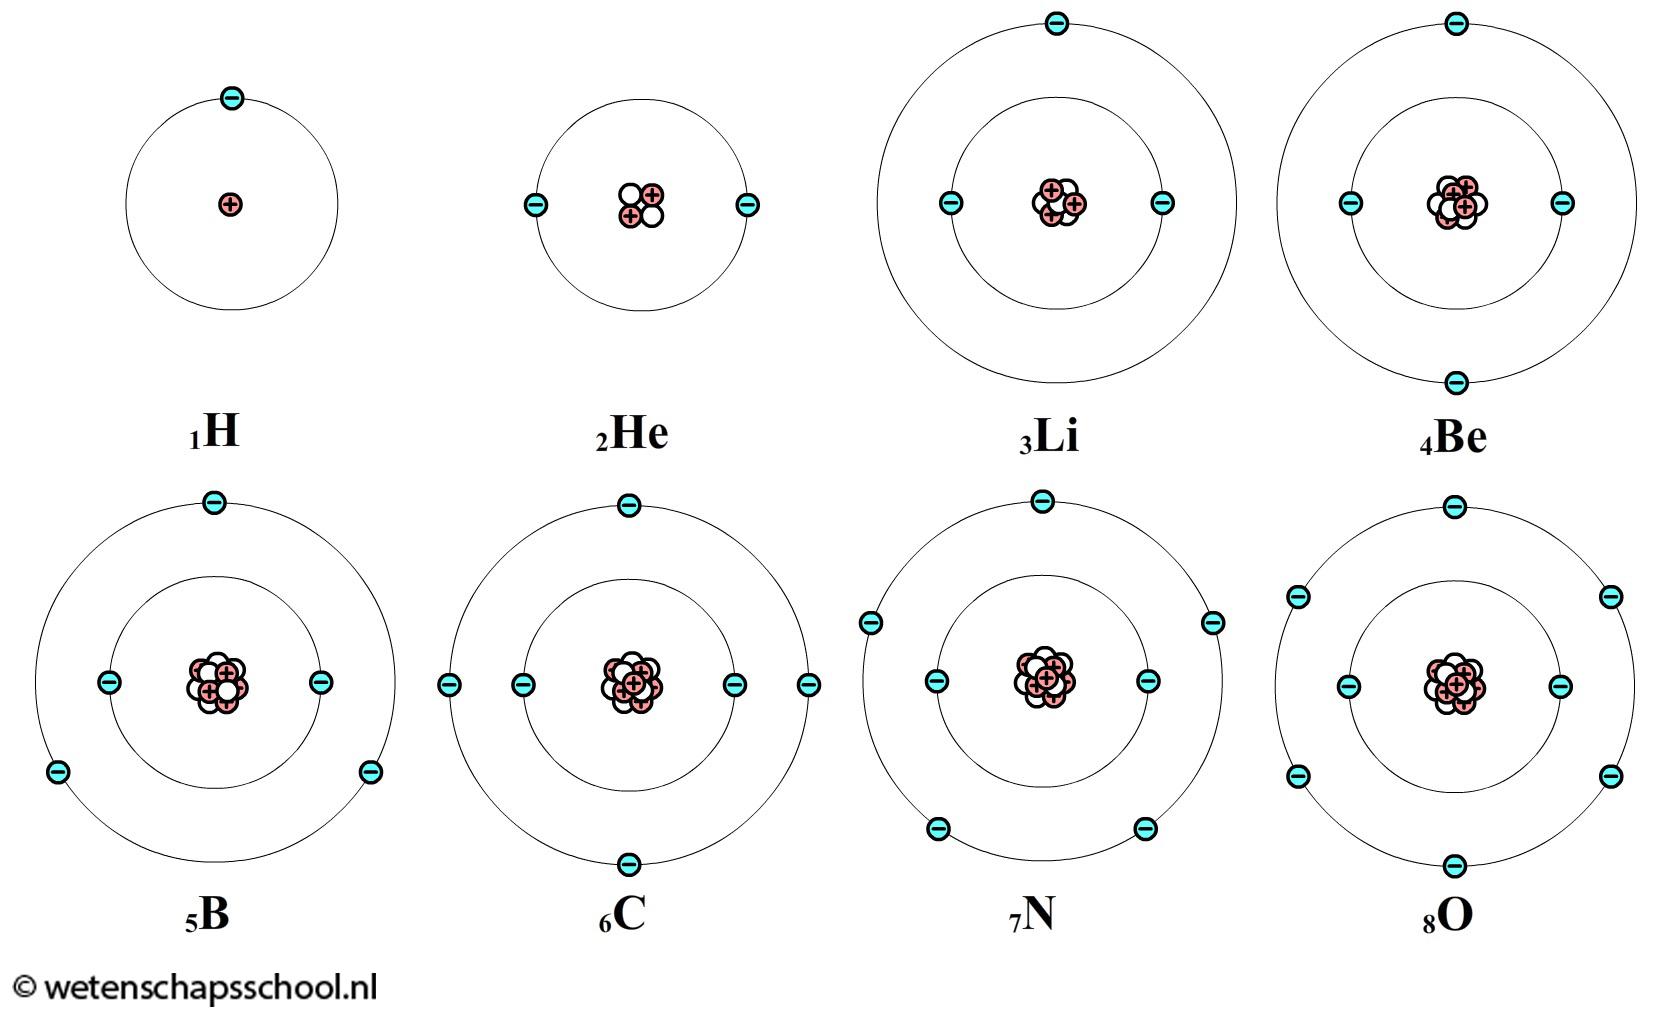 elk atoomsoort wordt gekenmerkt door een vast aantal protonen in de kern het aantal protonen in. Black Bedroom Furniture Sets. Home Design Ideas